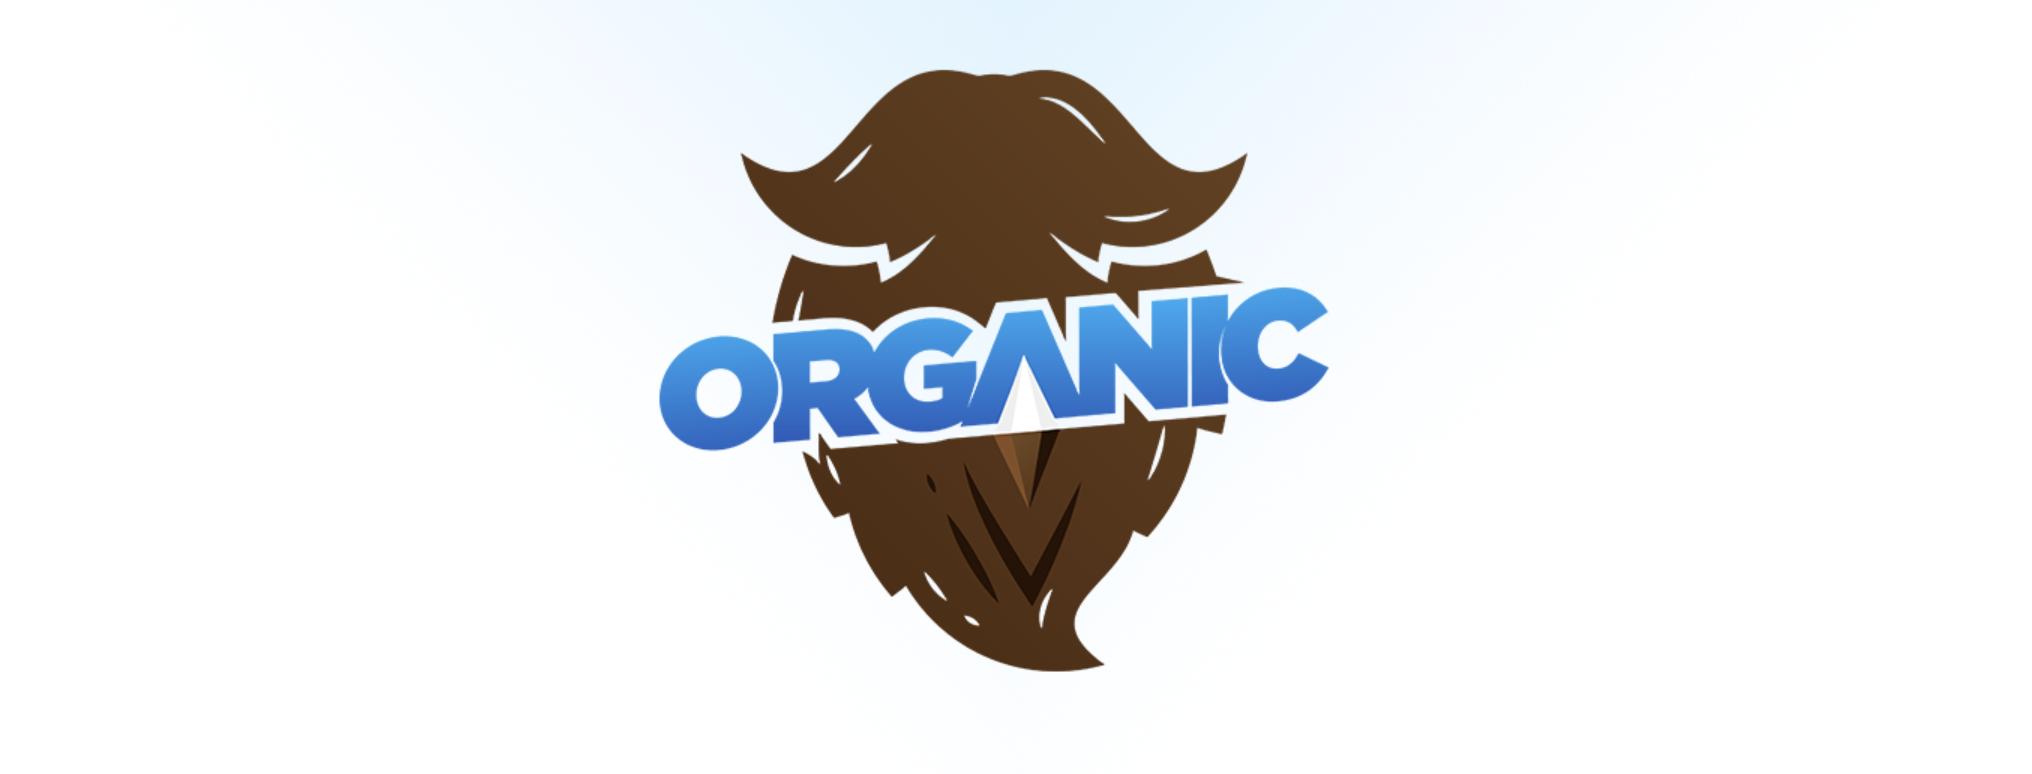 (Public) Organic - Hair